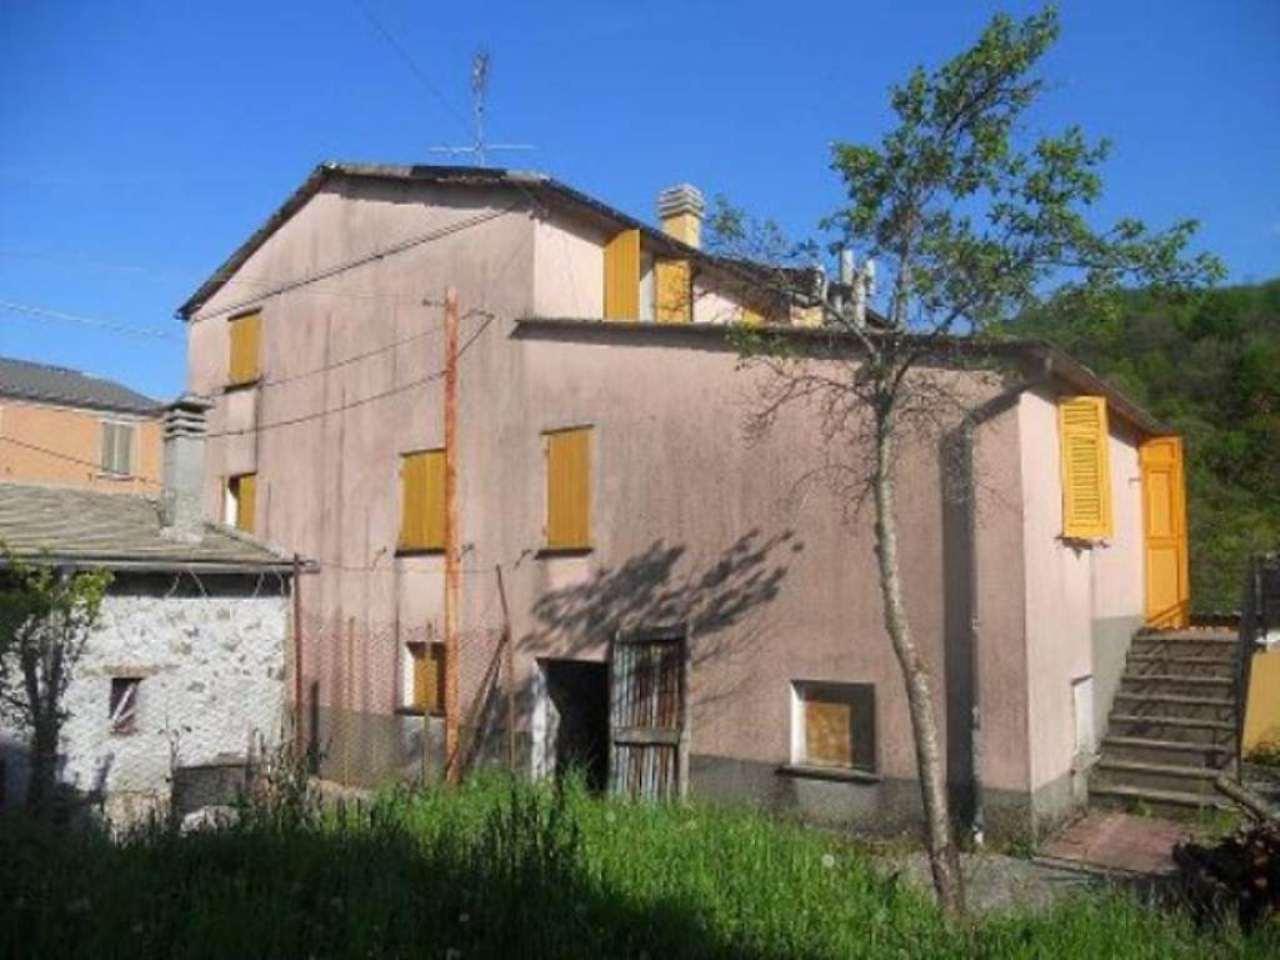 Soluzione Indipendente in vendita a Rezzoaglio, 6 locali, prezzo € 49.000 | CambioCasa.it